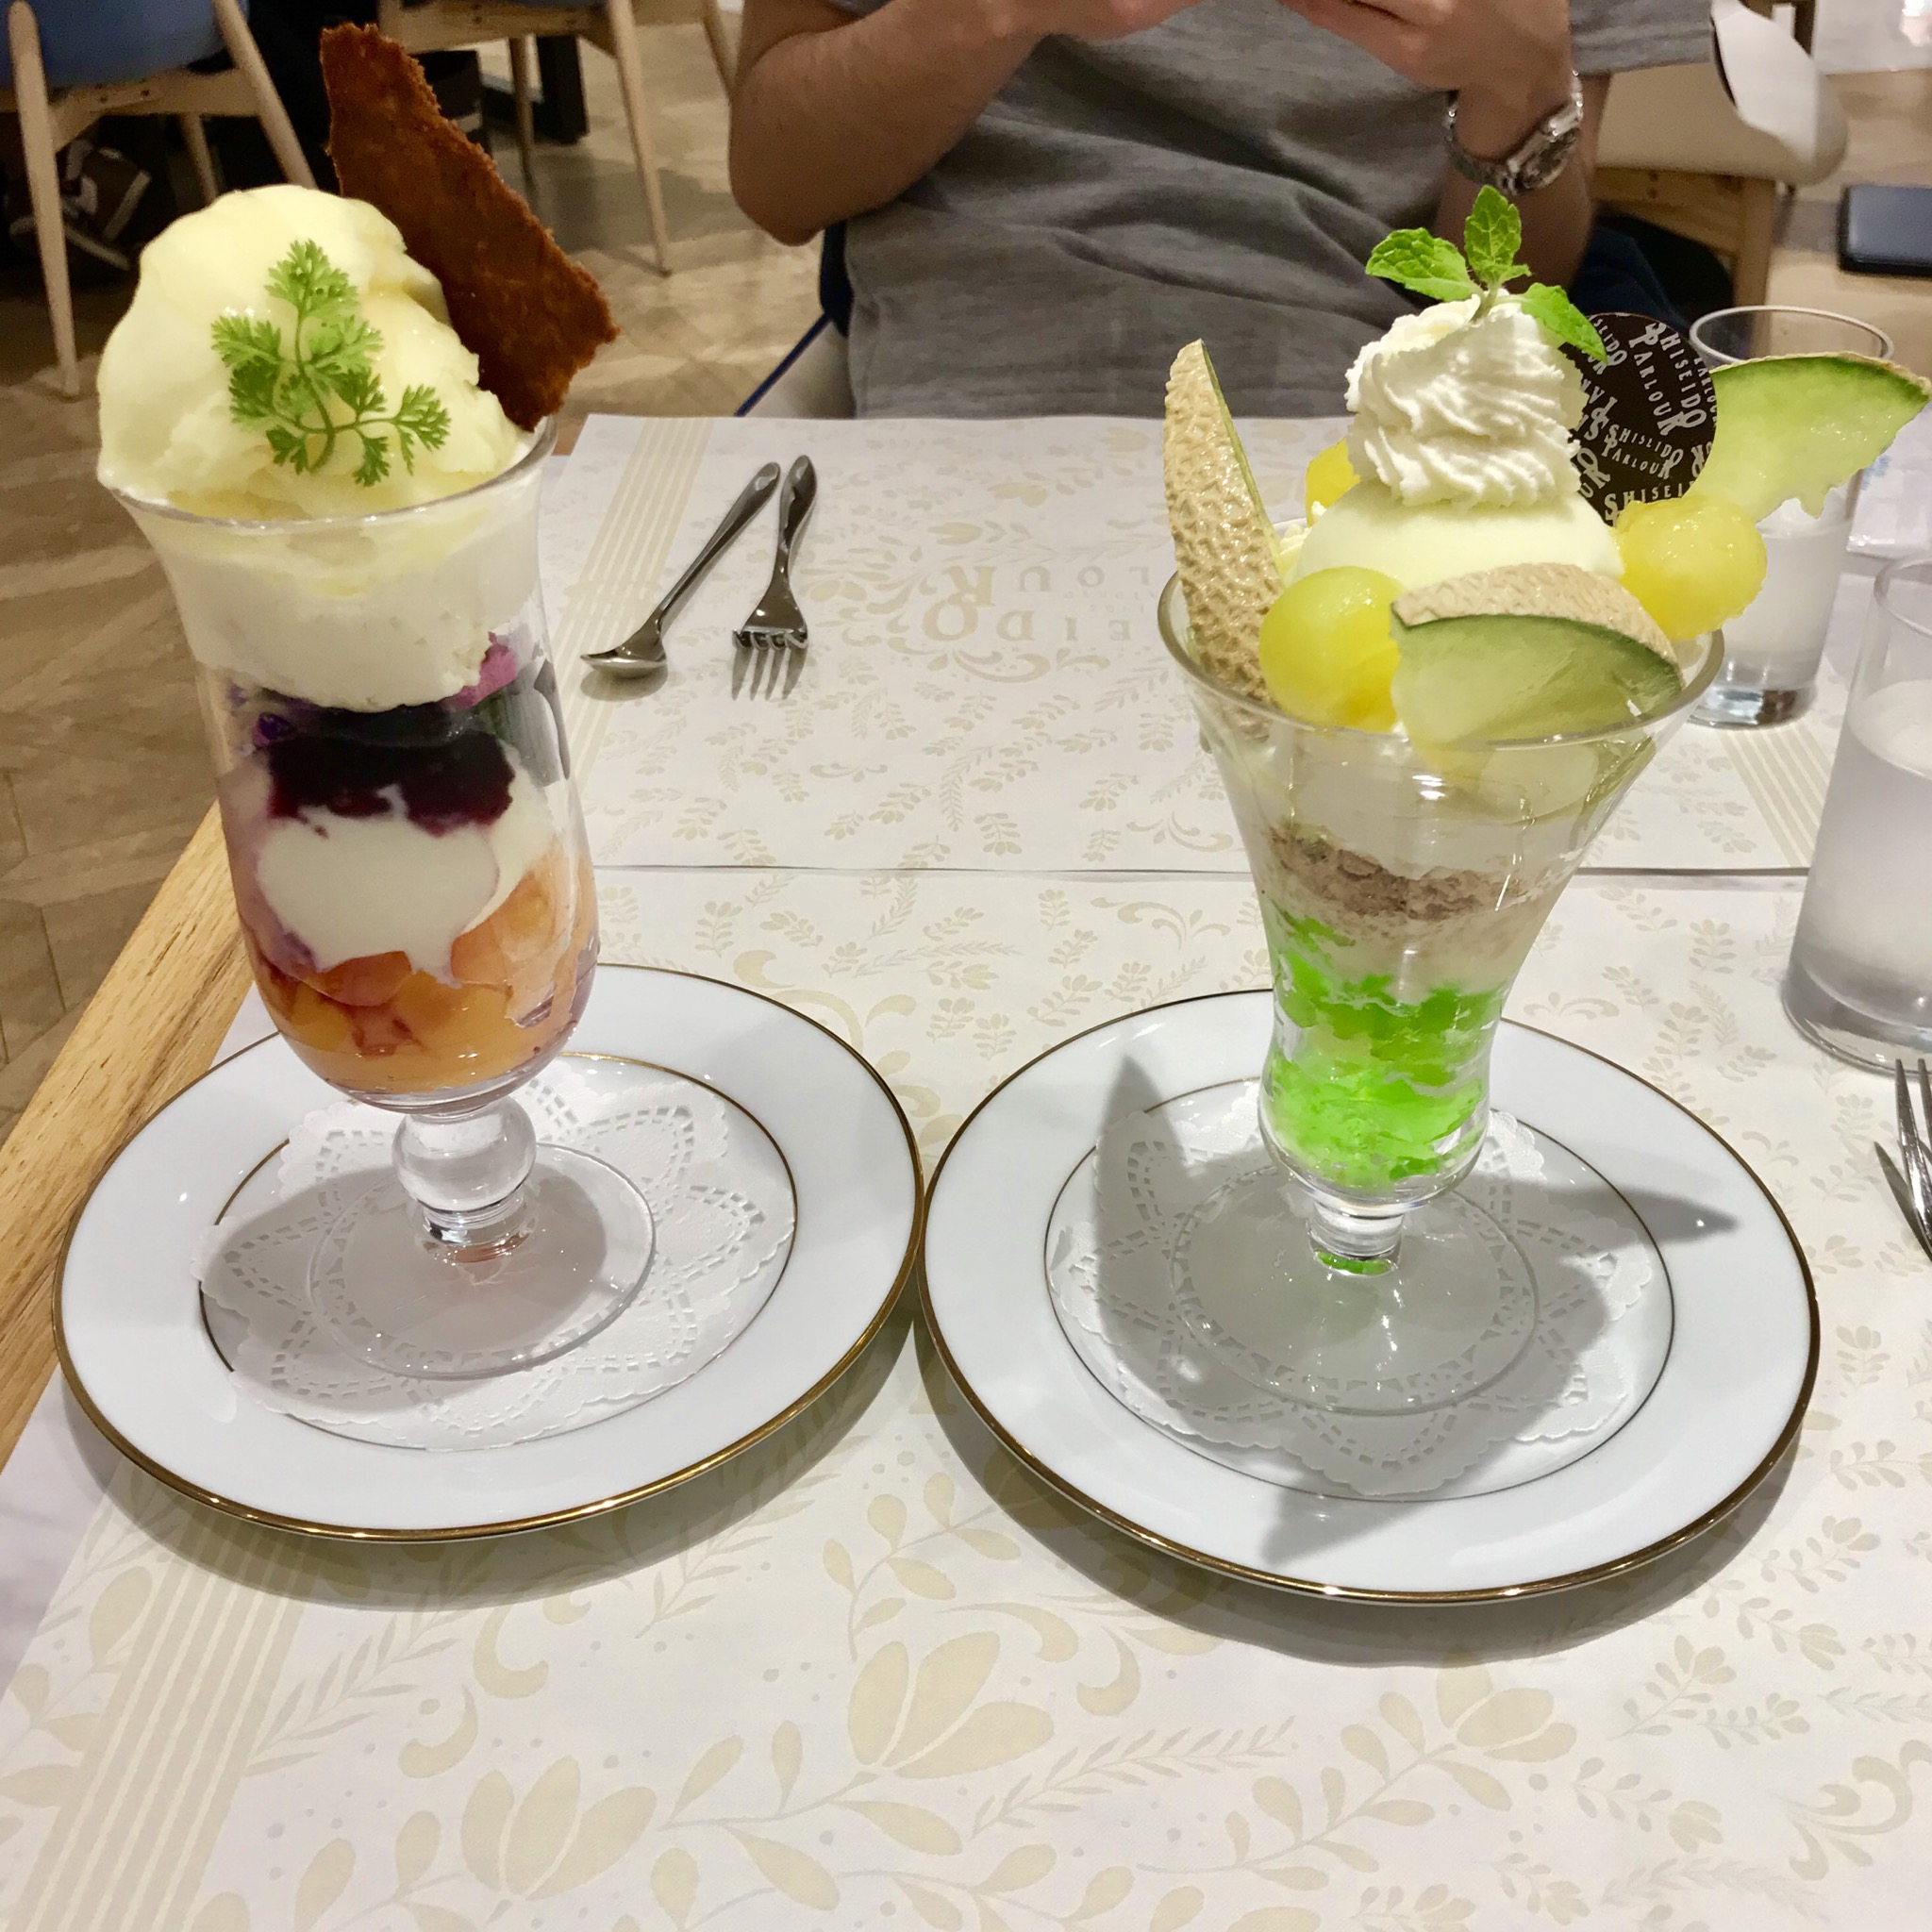 【期間限定!】夏が待ち遠しい マスクメロンパフェ〜資生堂パーラー〜_2